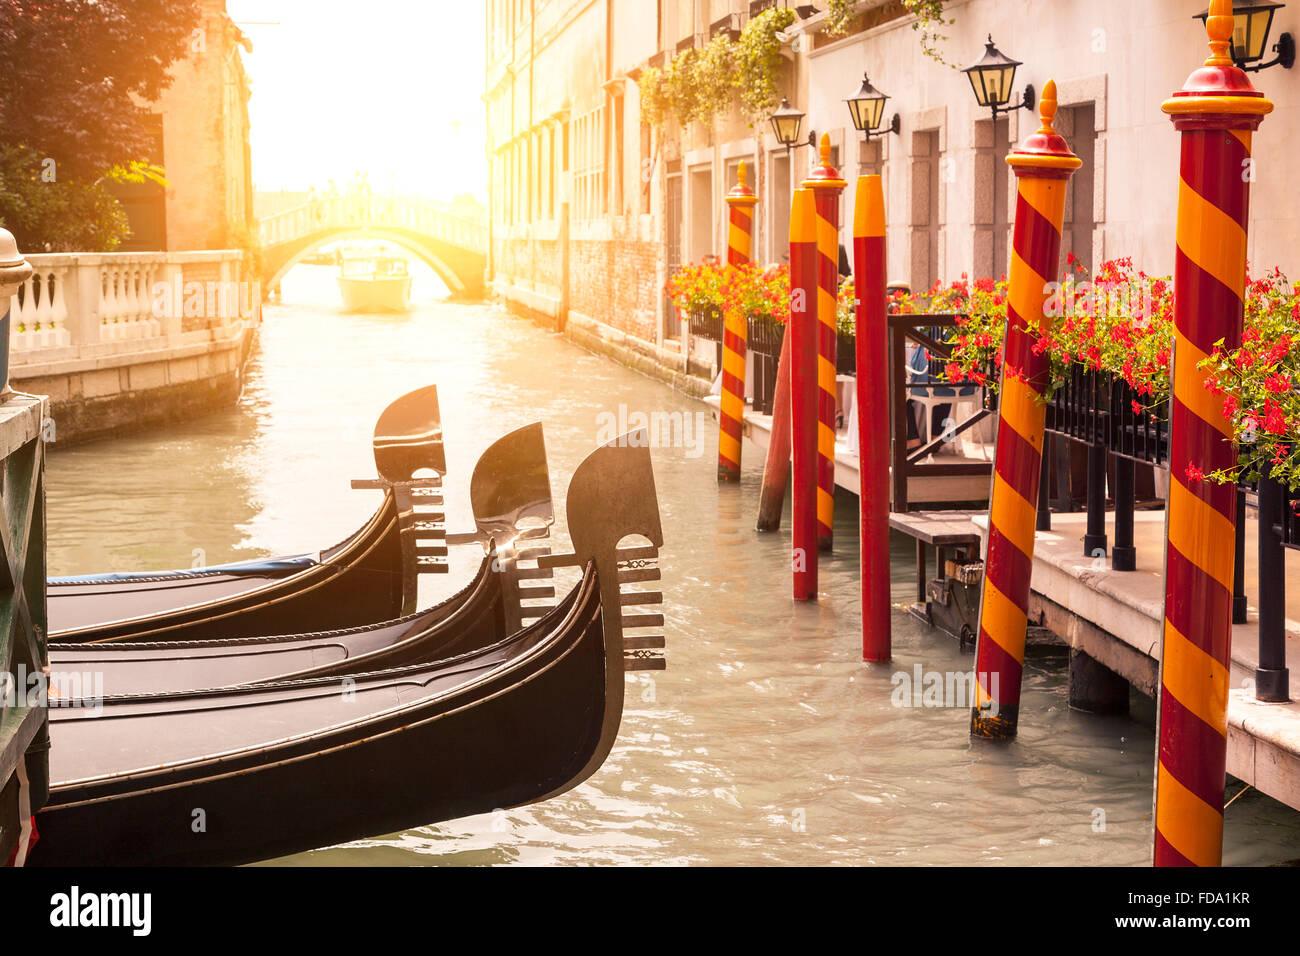 La góndola en Venecia. Imagen De Stock